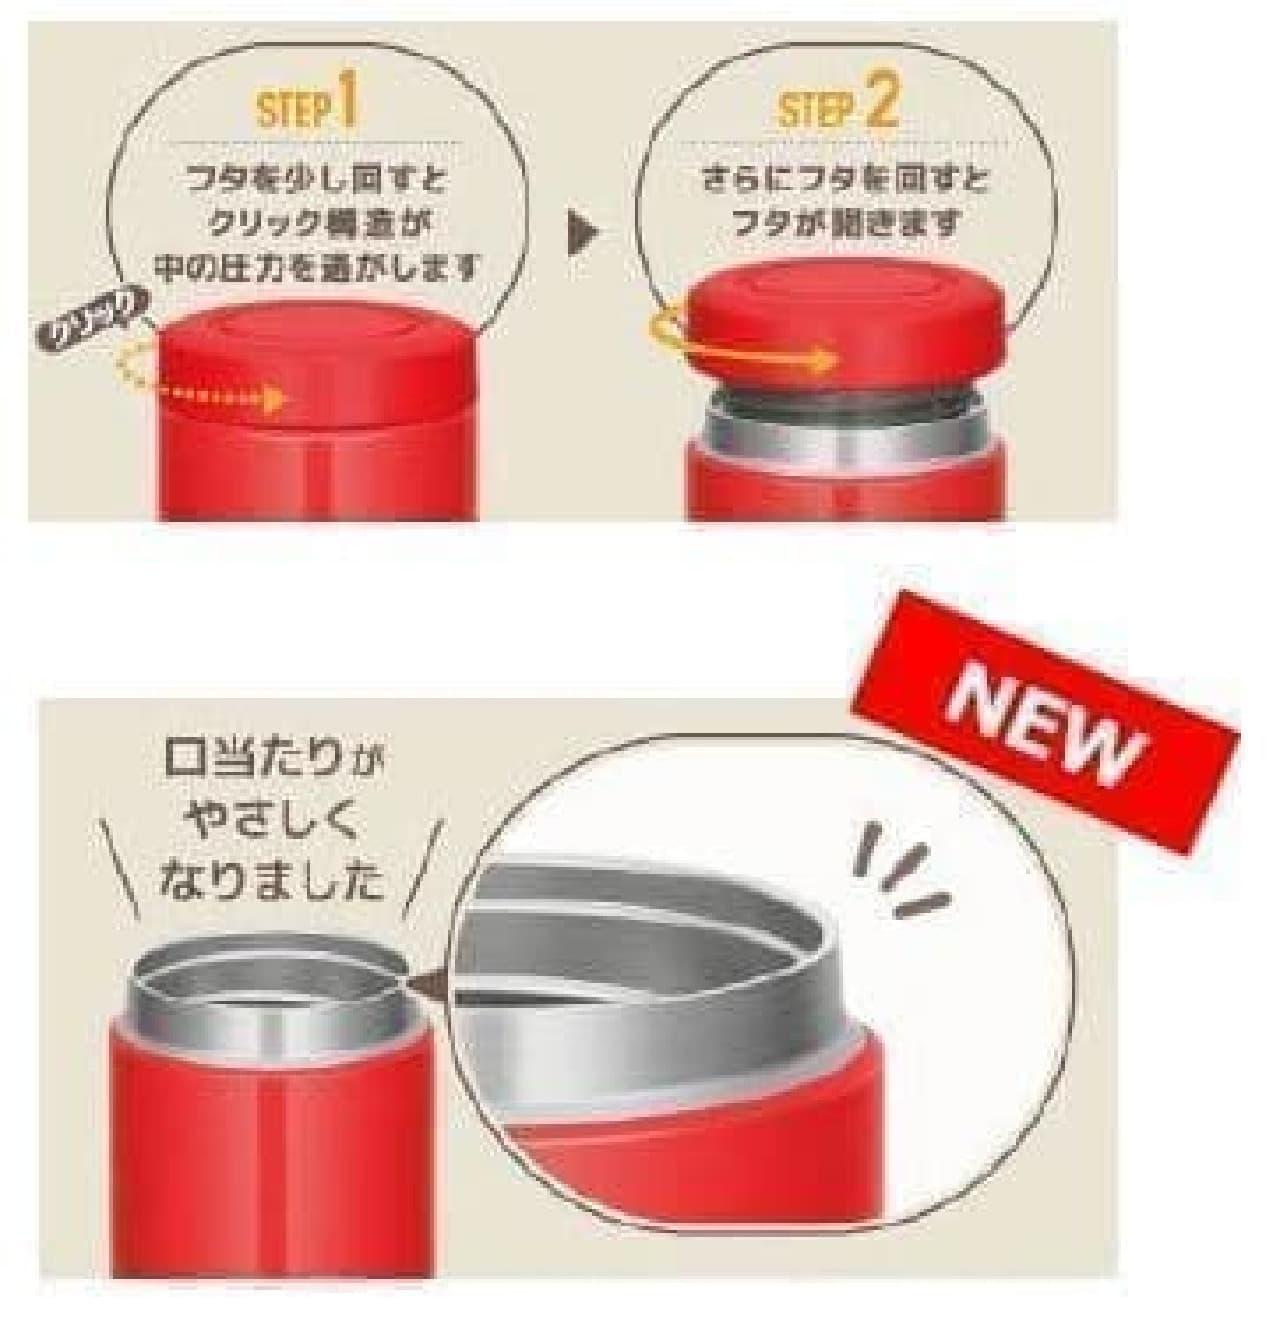 保温効力がアップ!「サーモス 真空断熱スープジャー」発売 -- 性別問わず使いやすい3色展開